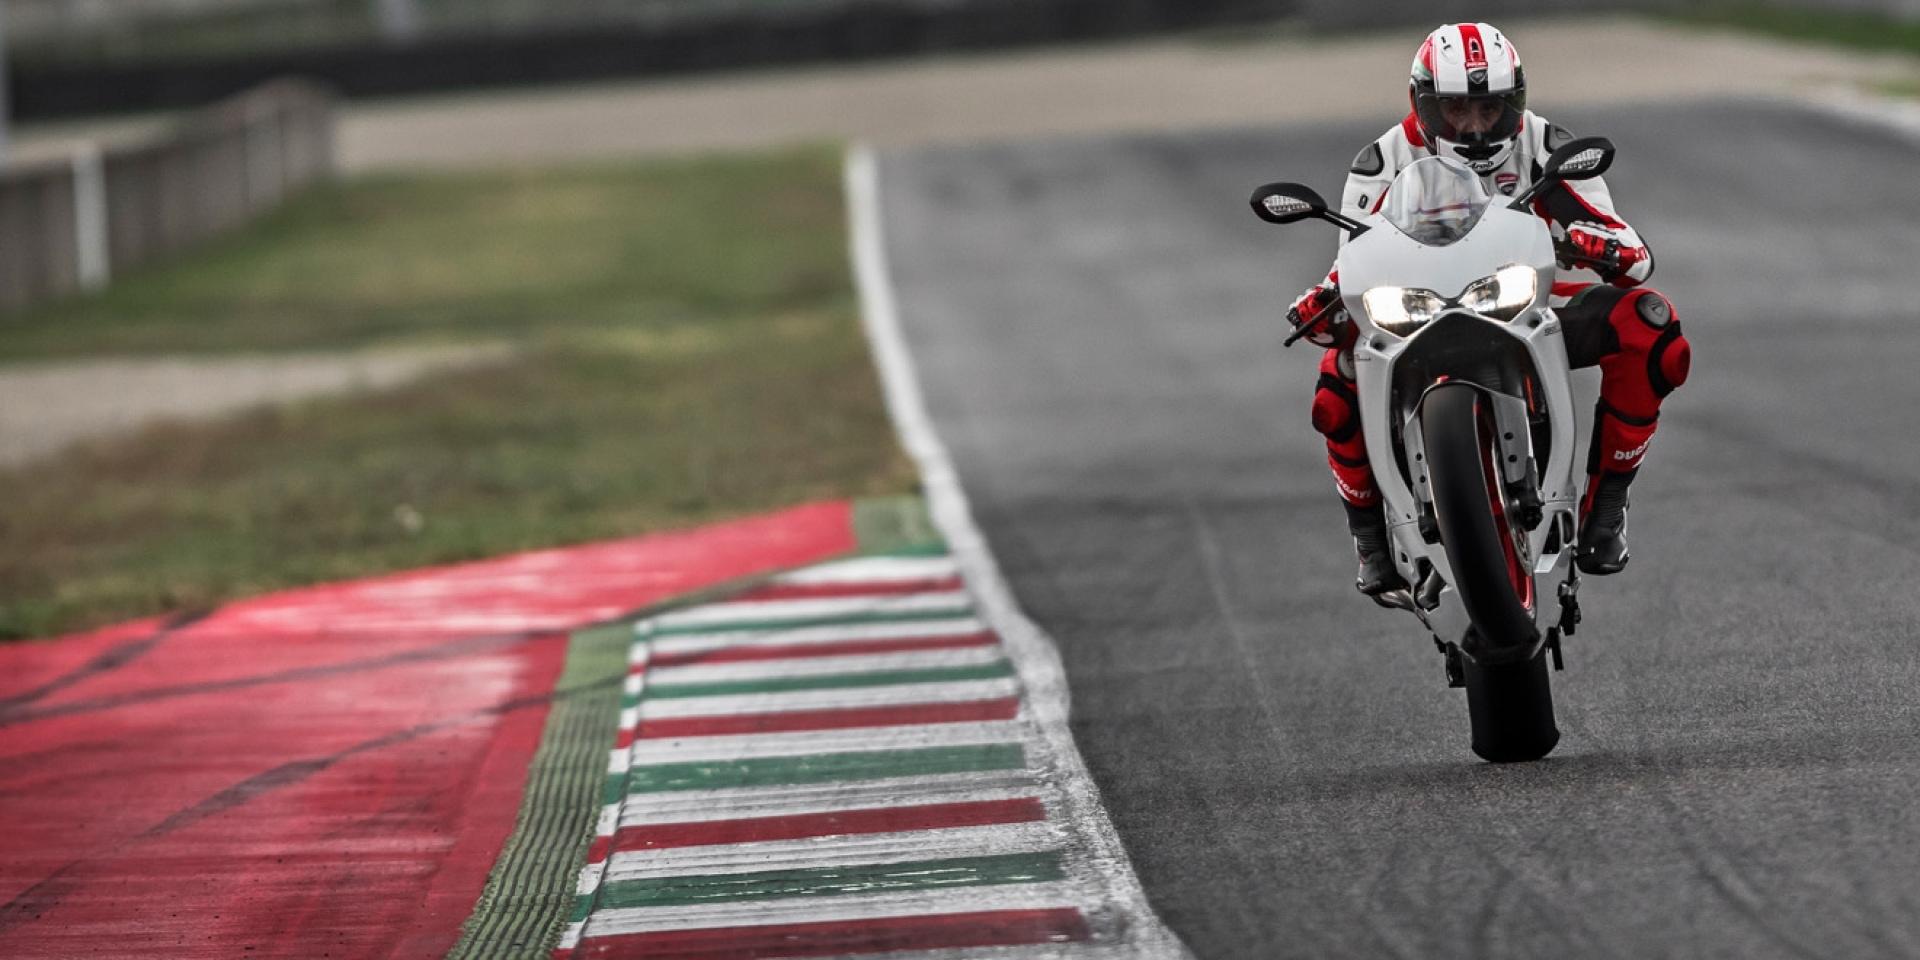 米蘭車展。晉升掛階 Ducati 959 Panigale發表 (圖集)